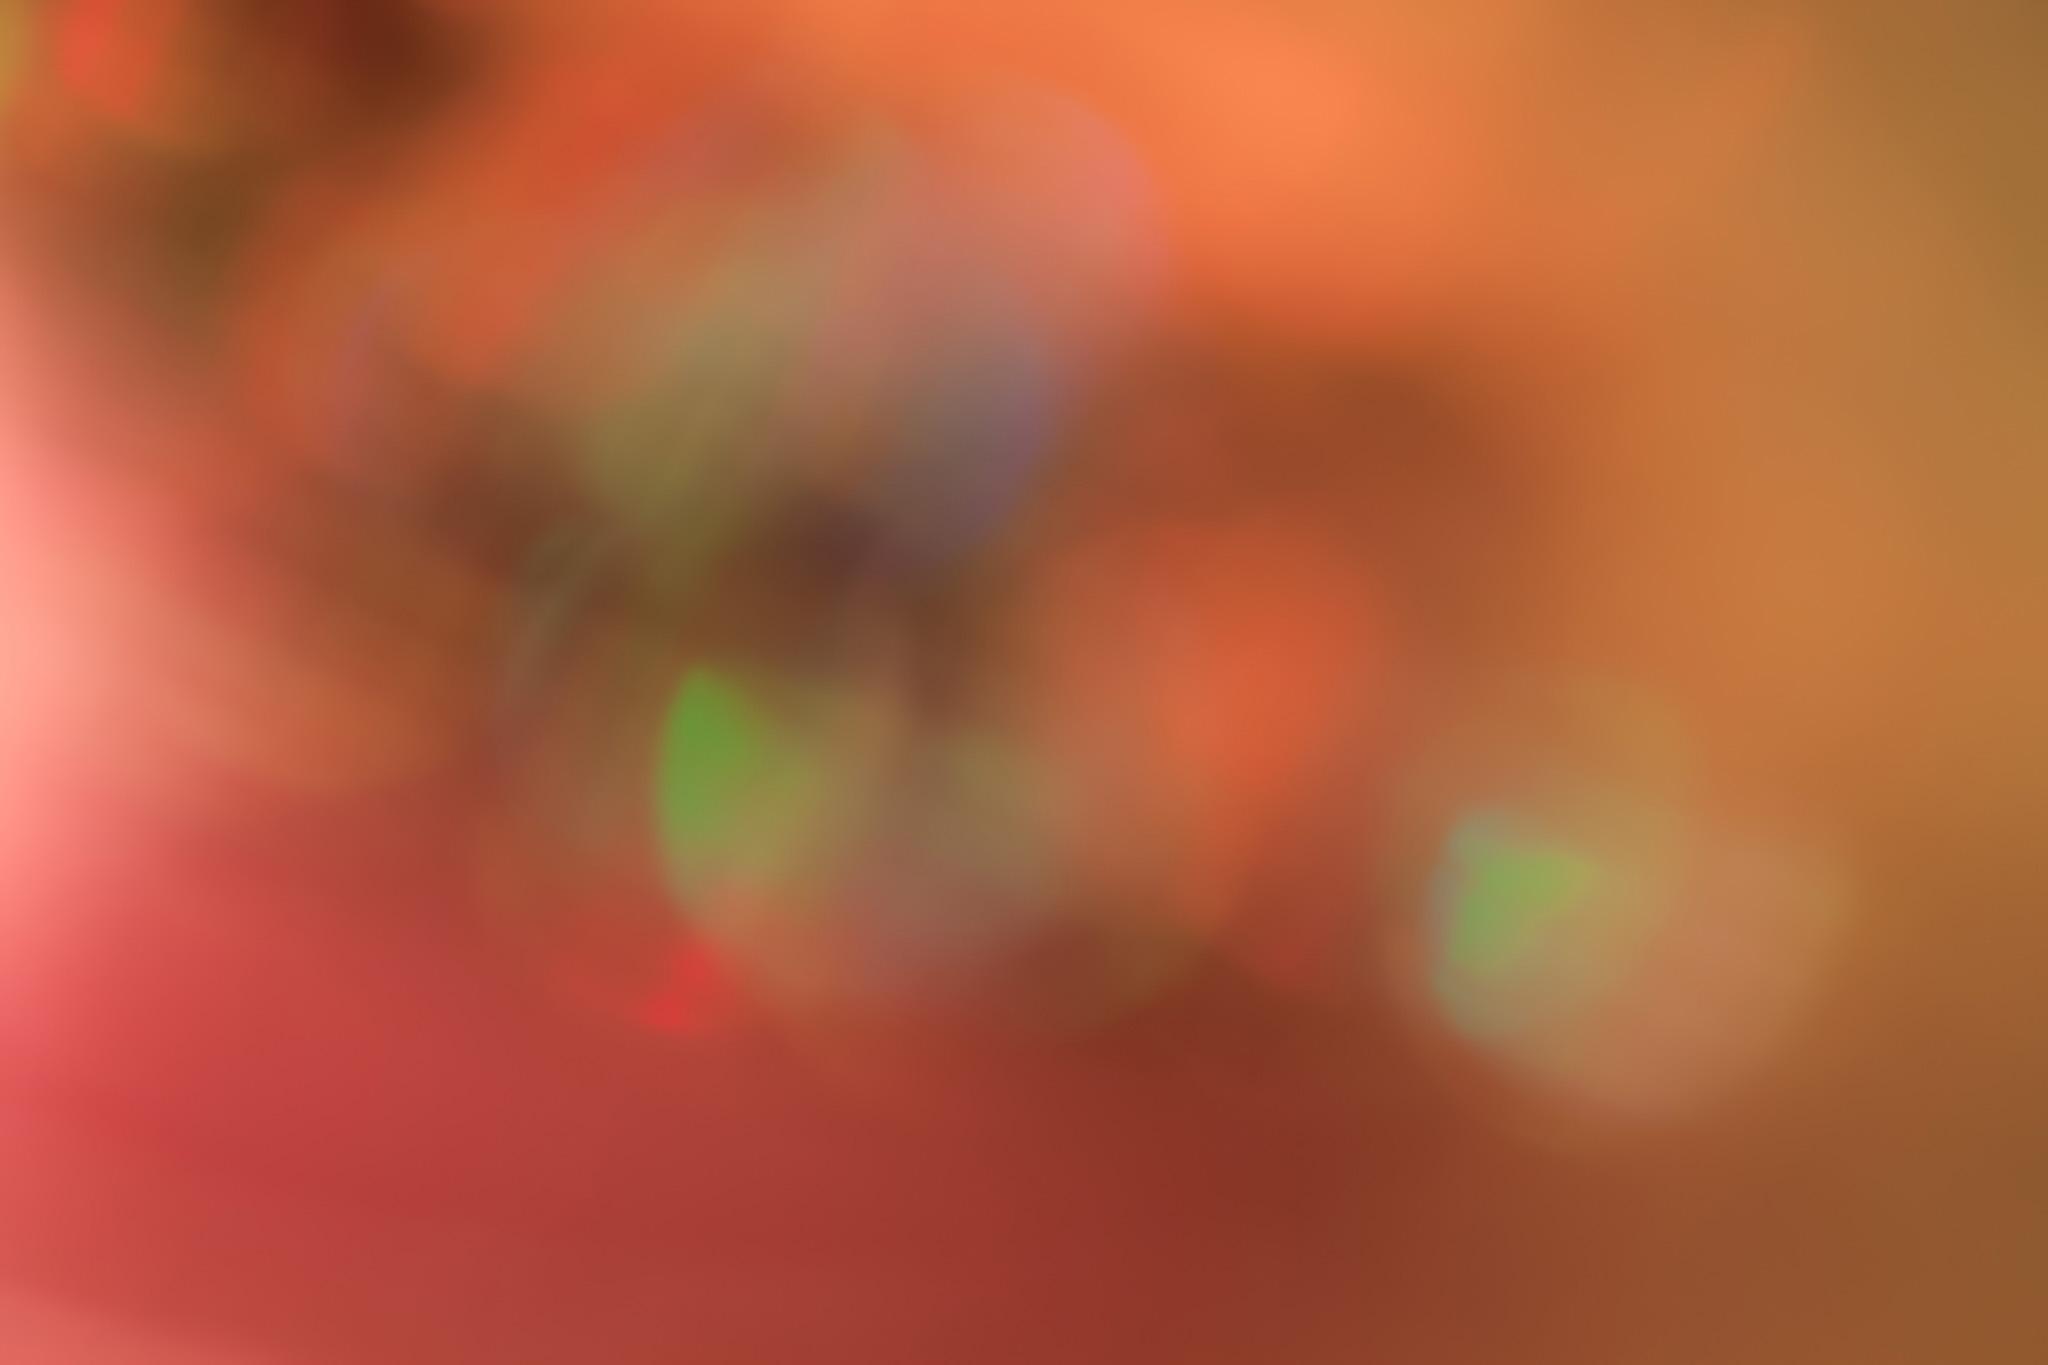 「光の色彩」